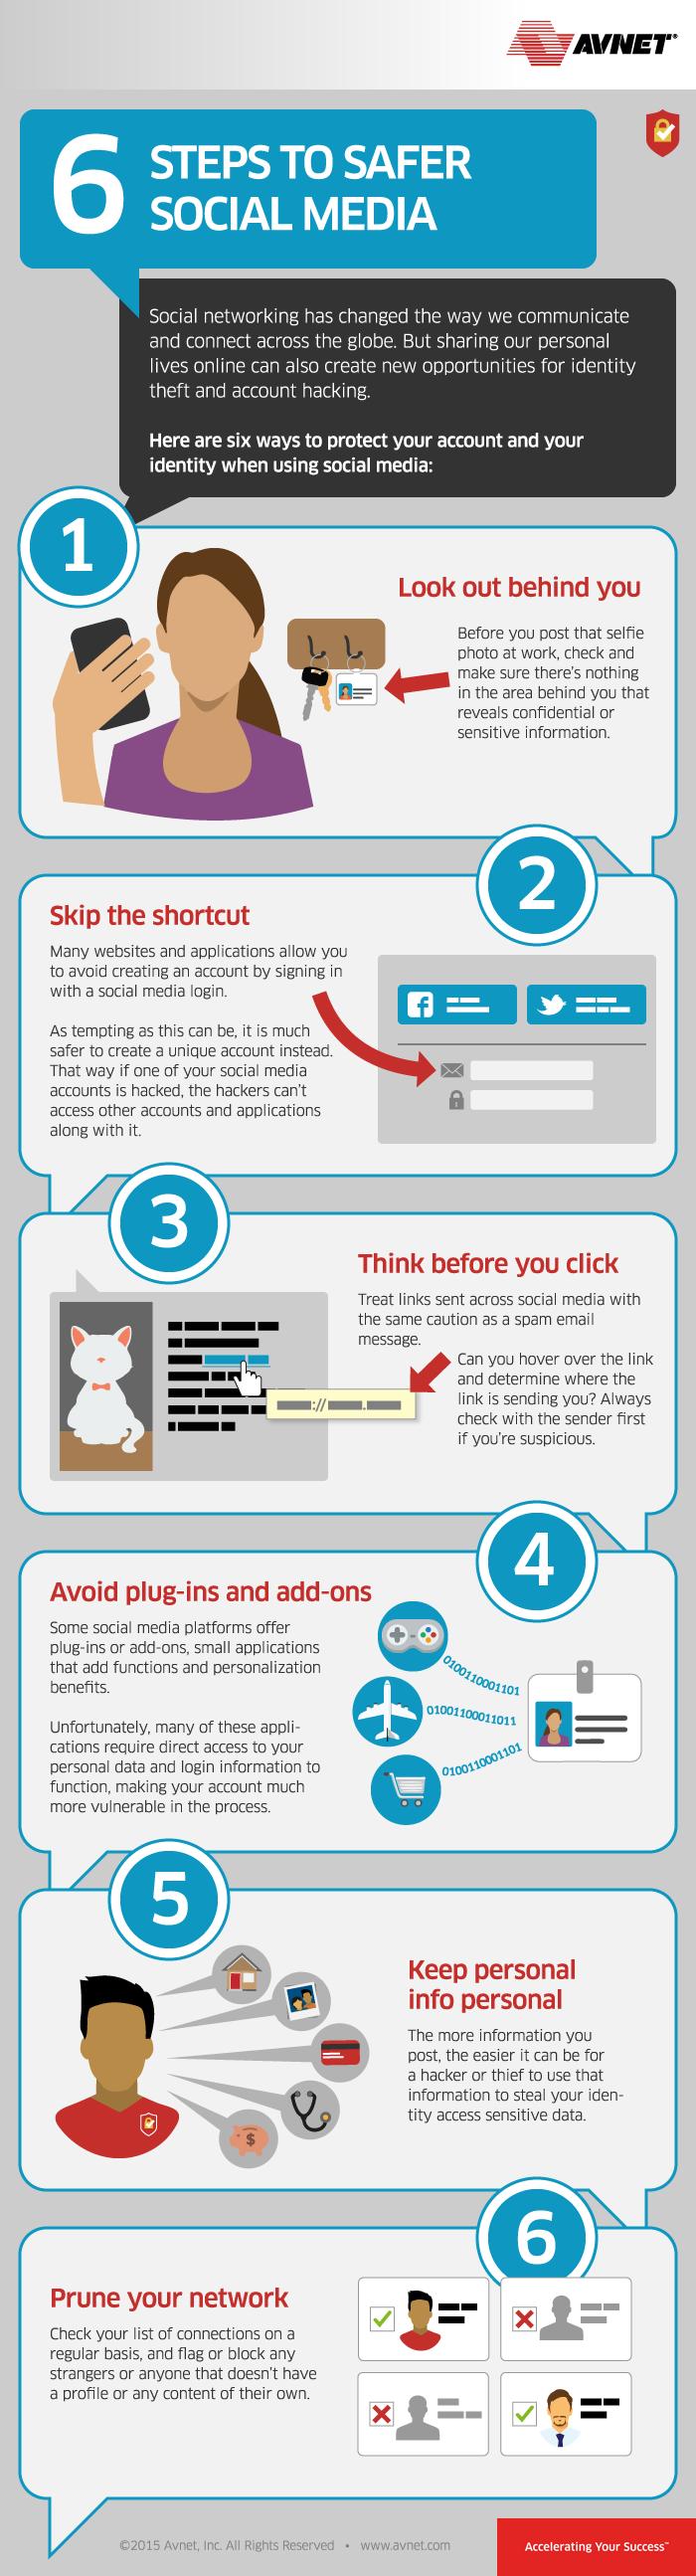 6 pasos para mantenerte seguro en medios sociales